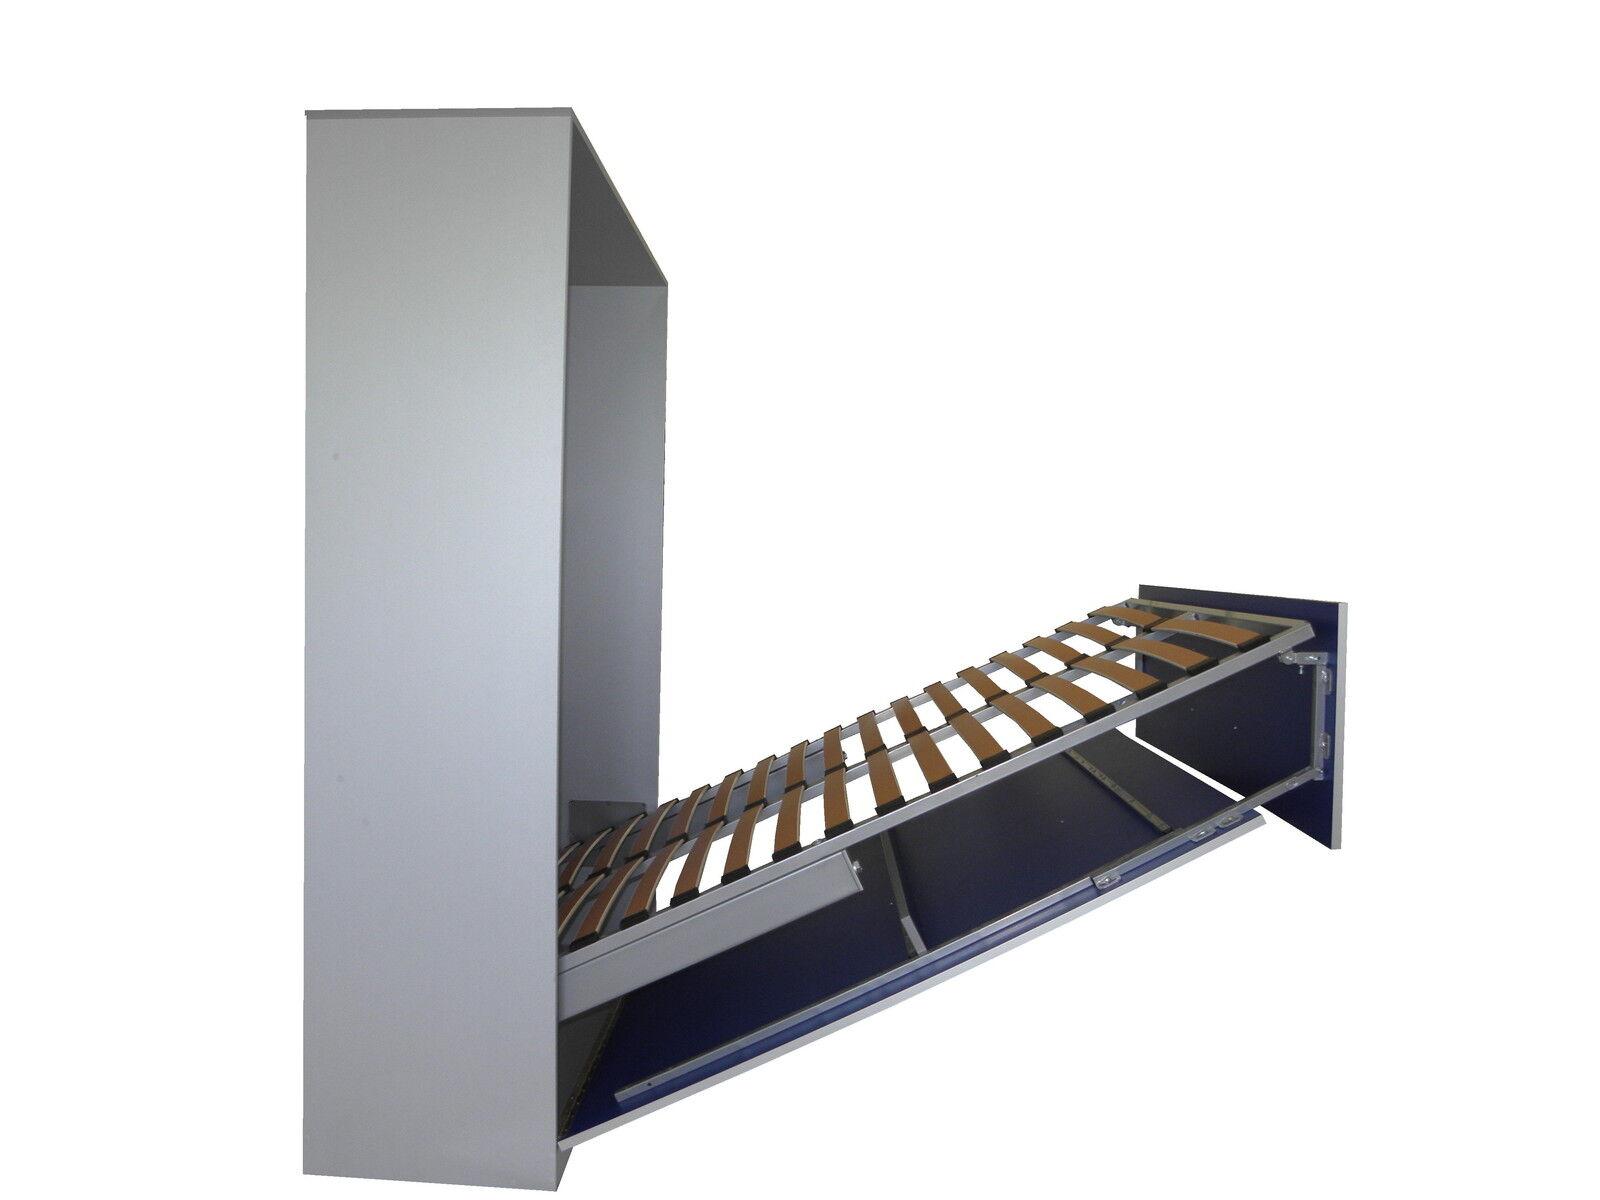 schrankbett wandbett klappbett 50 w 3 140x200 cm holz cassino esche braun eur. Black Bedroom Furniture Sets. Home Design Ideas